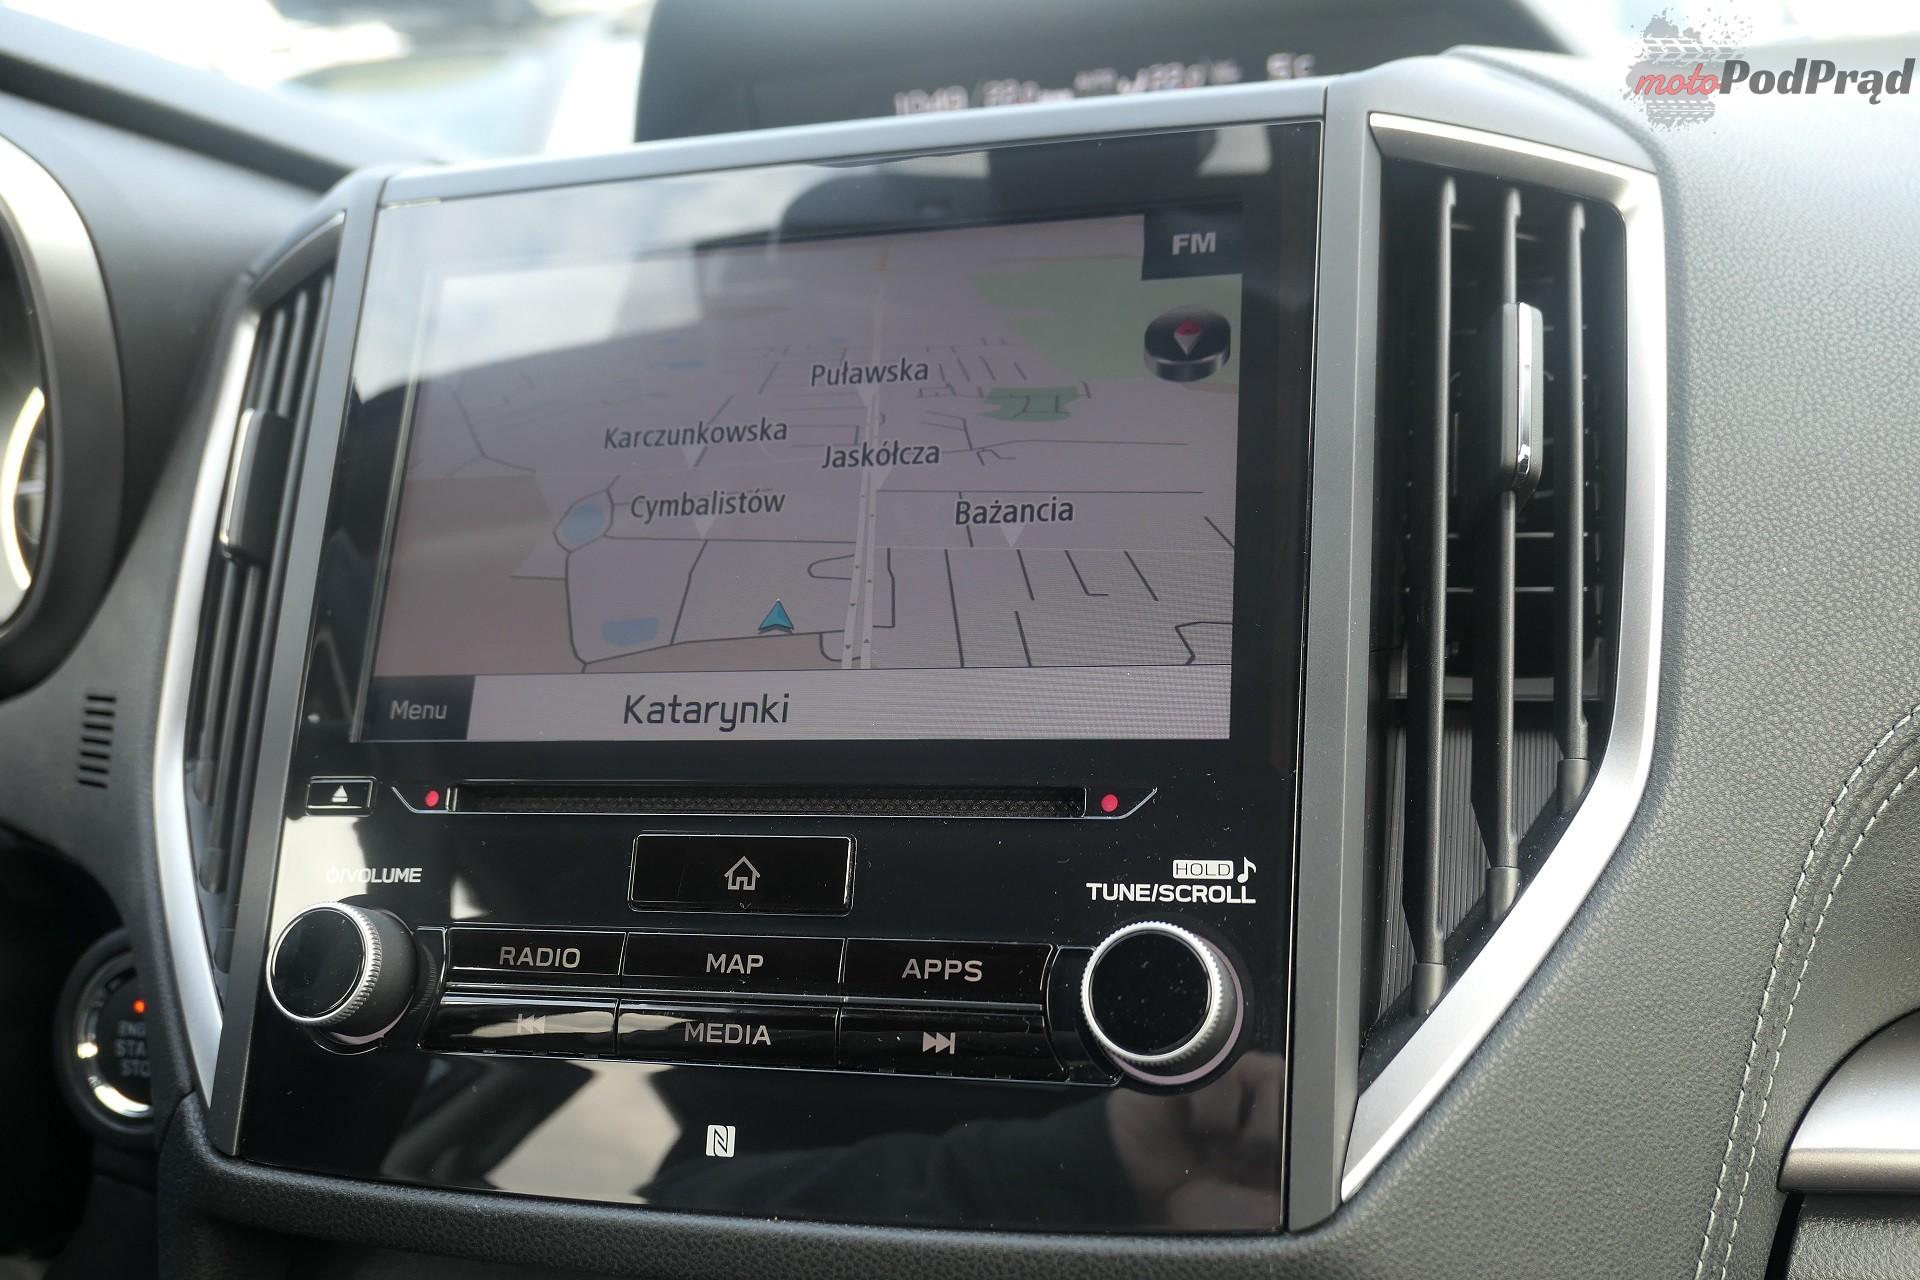 Subaru Impreza 10 Test: Subaru Impreza 2.0 AWD 156 KM   w dobrą stronę